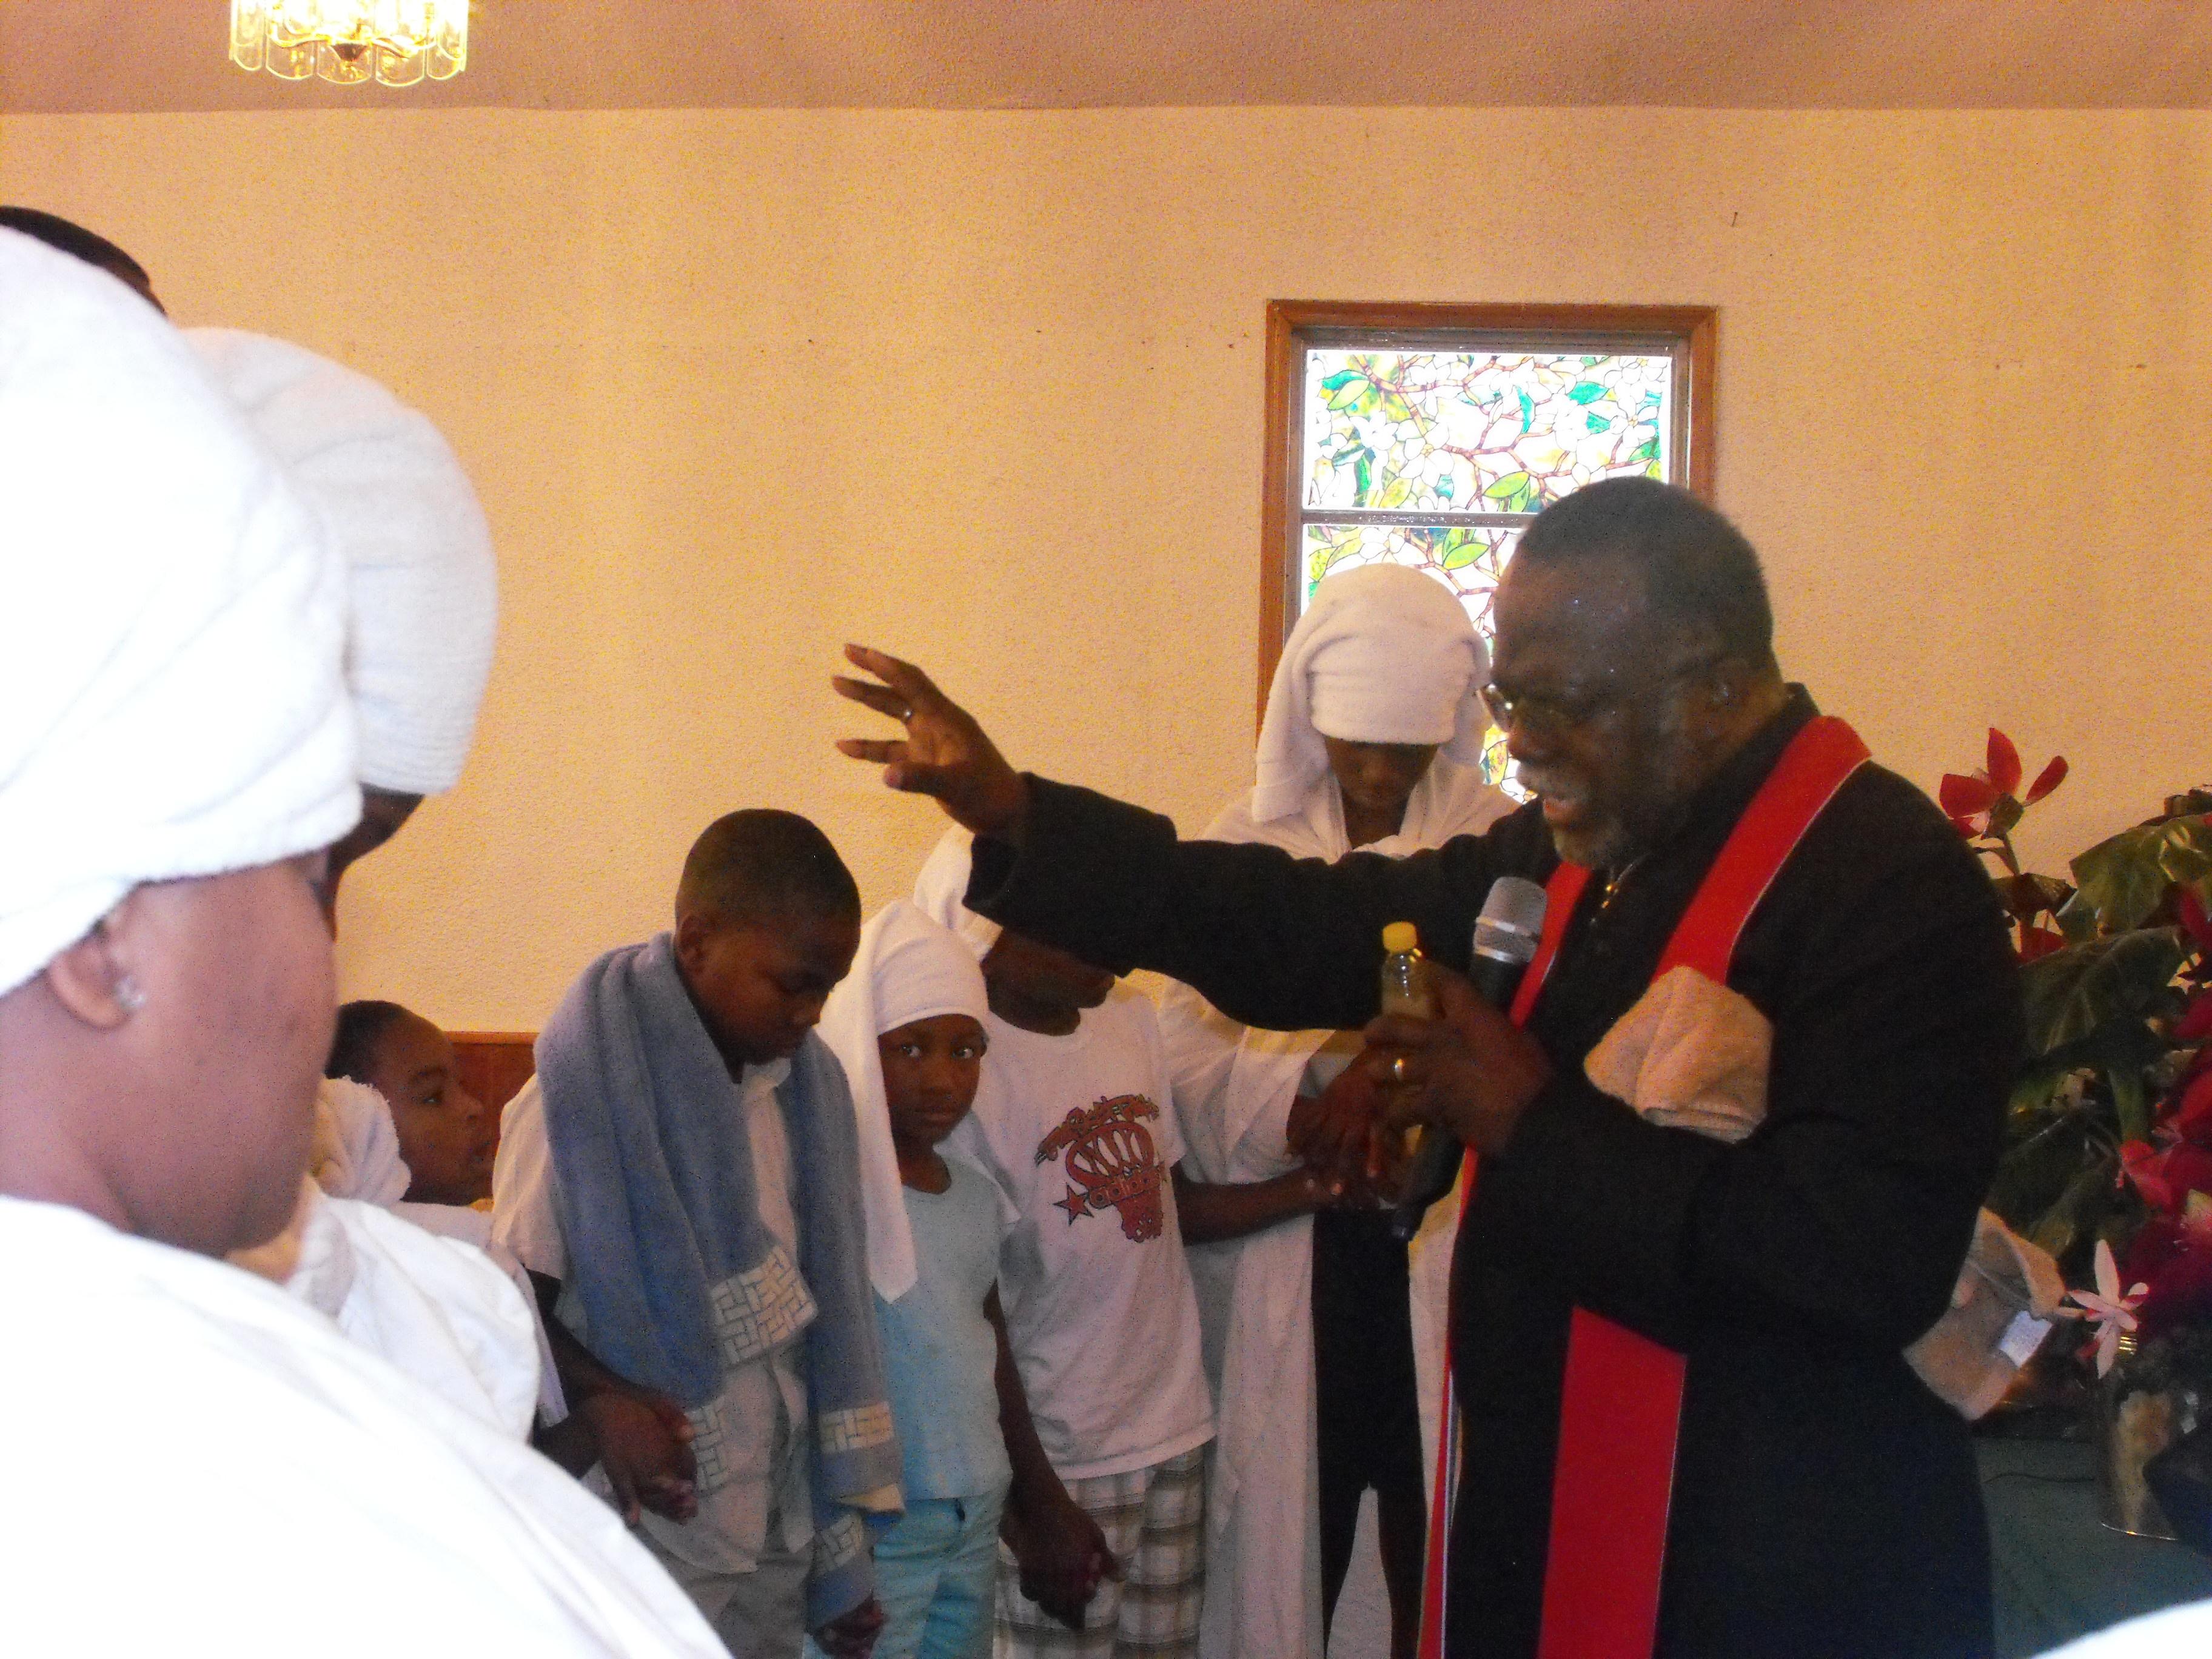 https://0201.nccdn.net/1_2/000/000/0ff/88d/Baptisms-Summer-2008-007-3648x2736.jpg